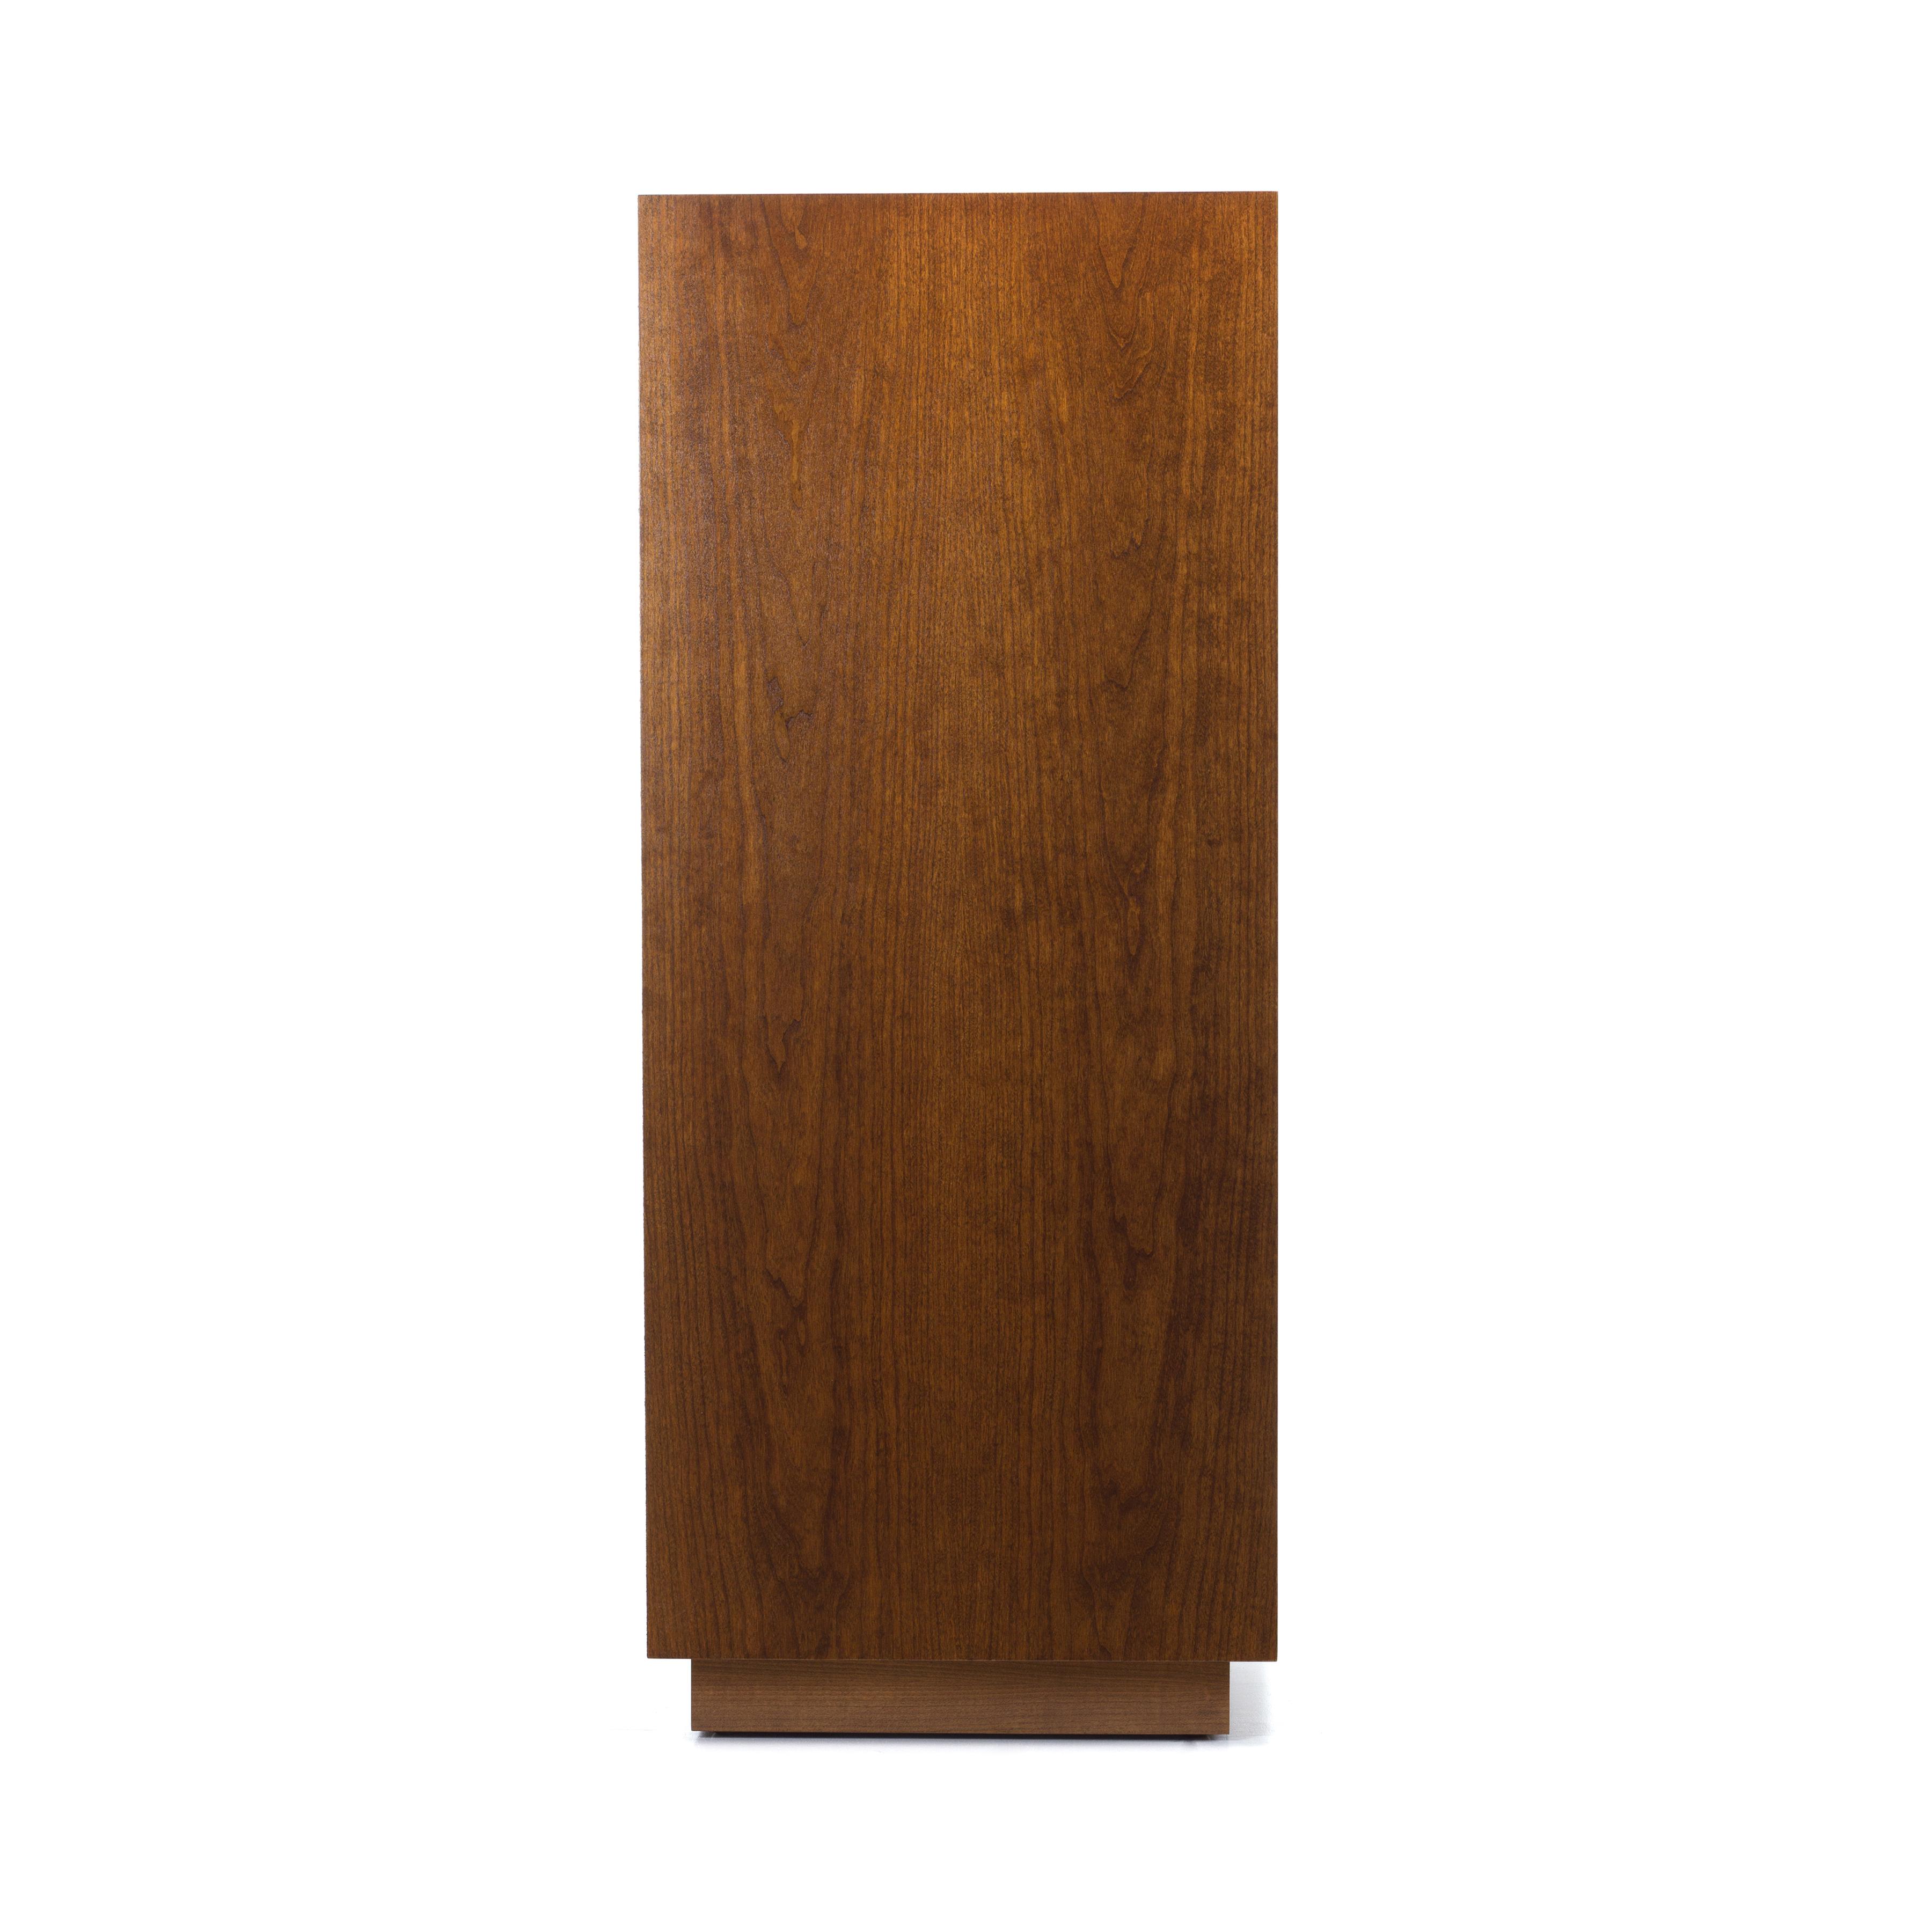 提供优质的黑槐木,樱桃木或胡桃木胶合板饰面 designed & assembled